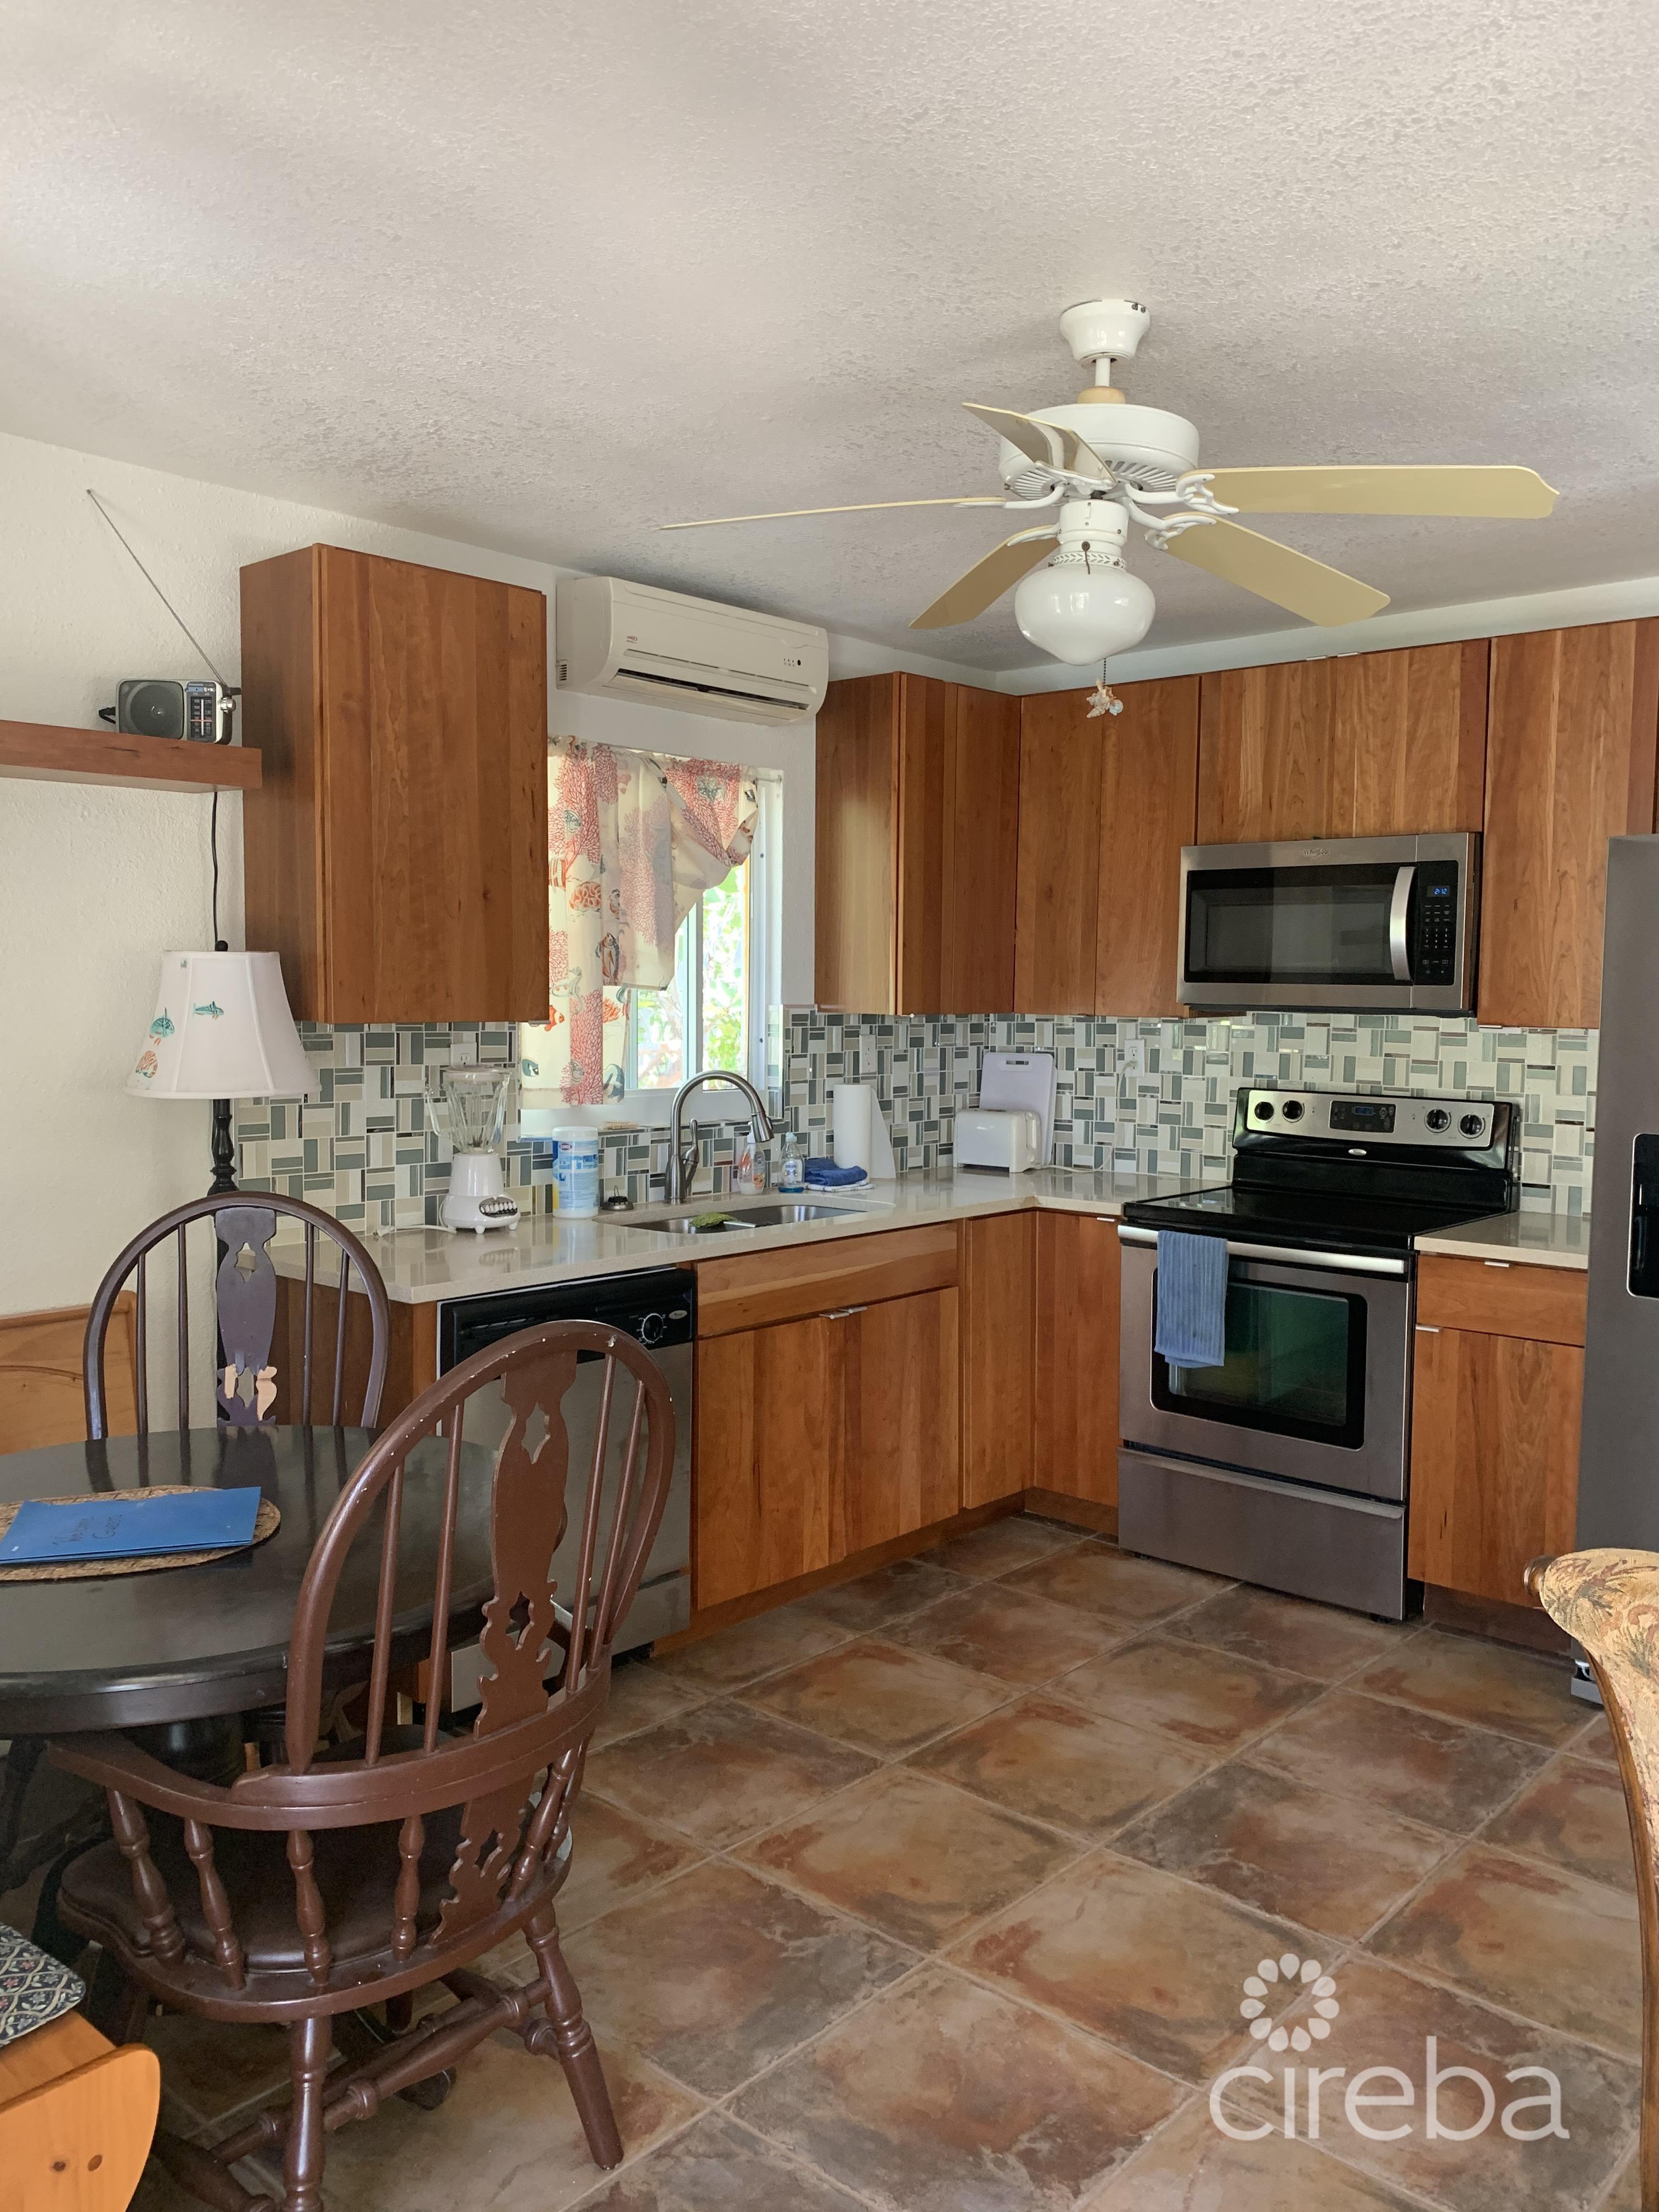 Hawksbill cottage kitchen